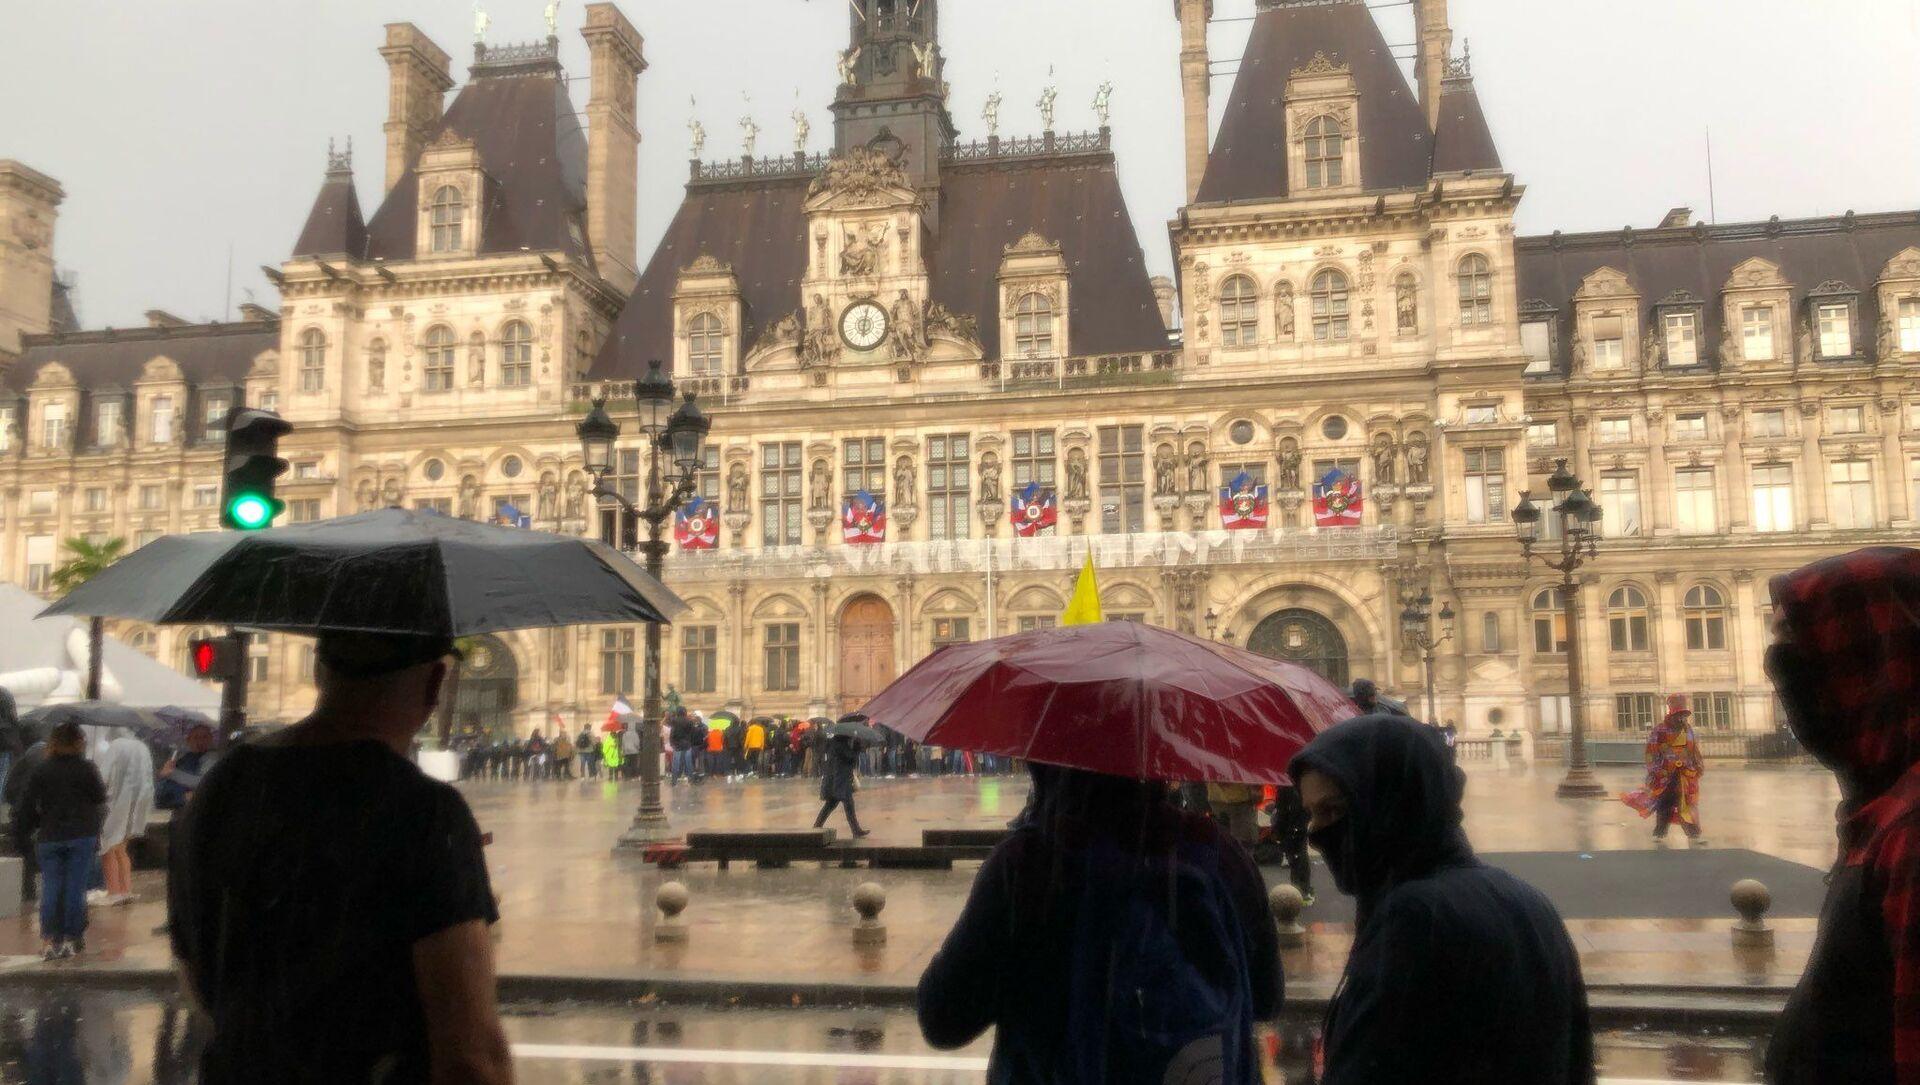 Quatrième week-end de mobilisation à Paris contre le pass sanitaire, 7 août 2021 - Sputnik France, 1920, 09.08.2021